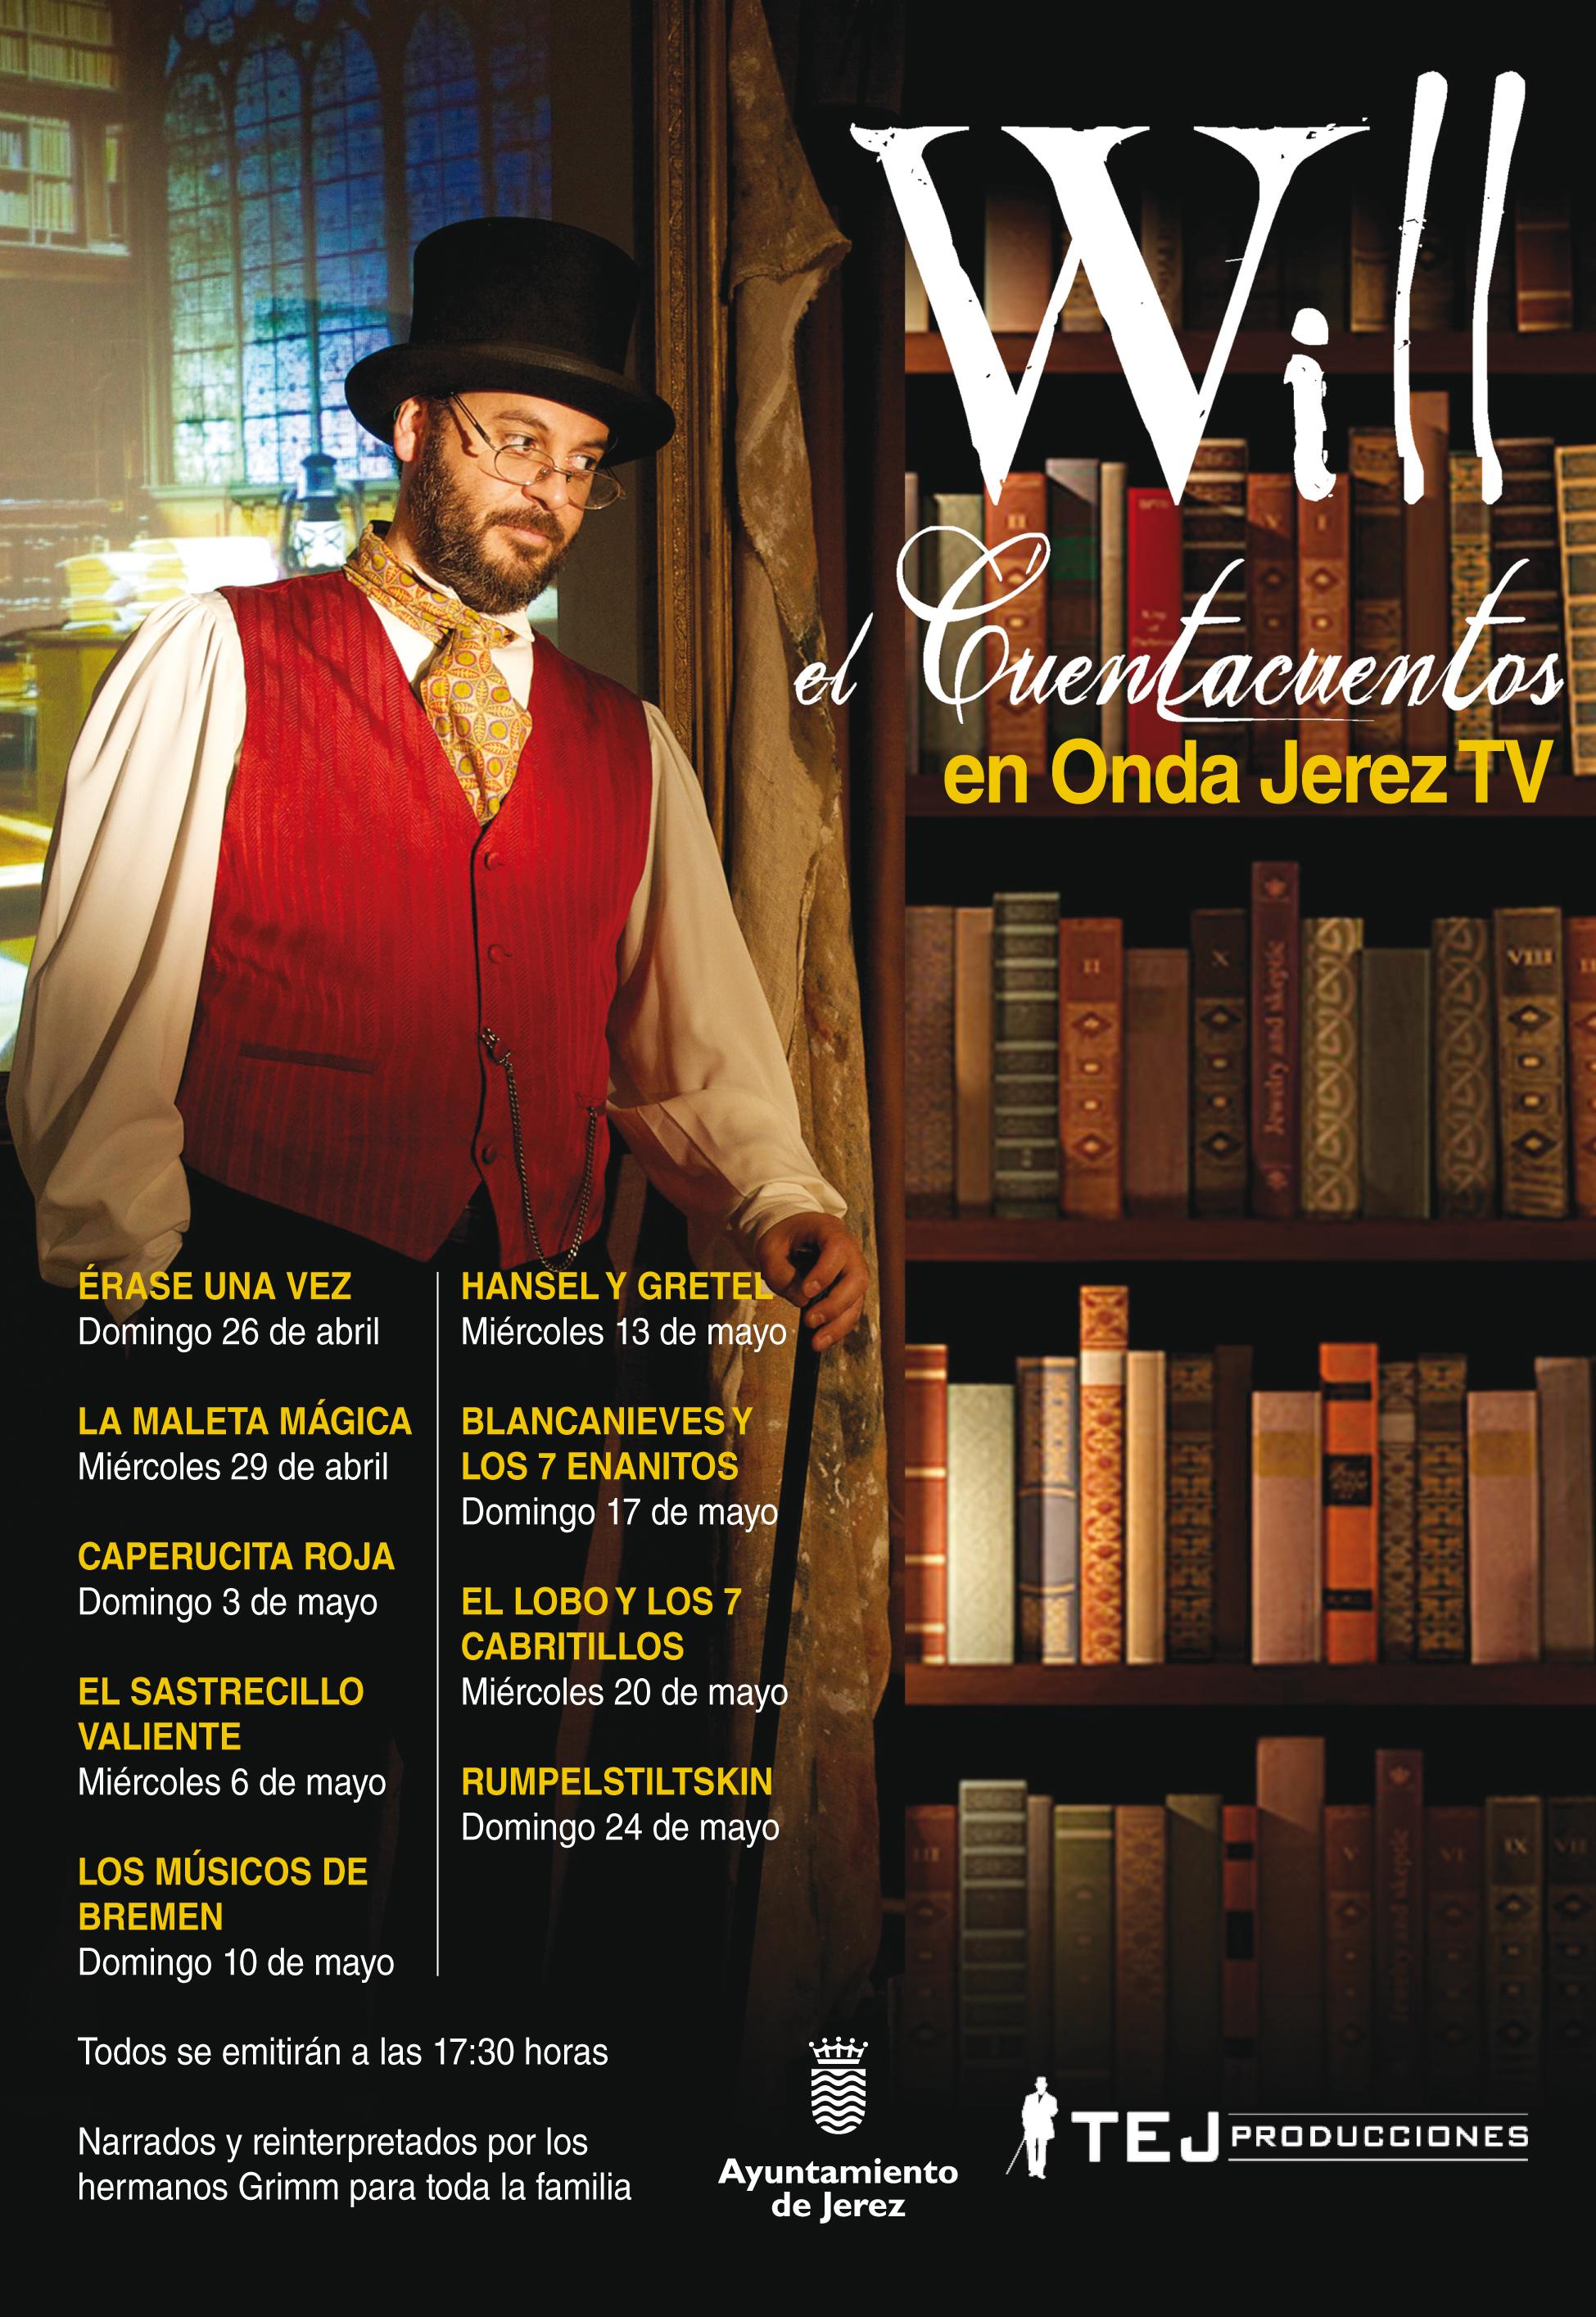 Cuenta cuentos en Onda Jerez TV